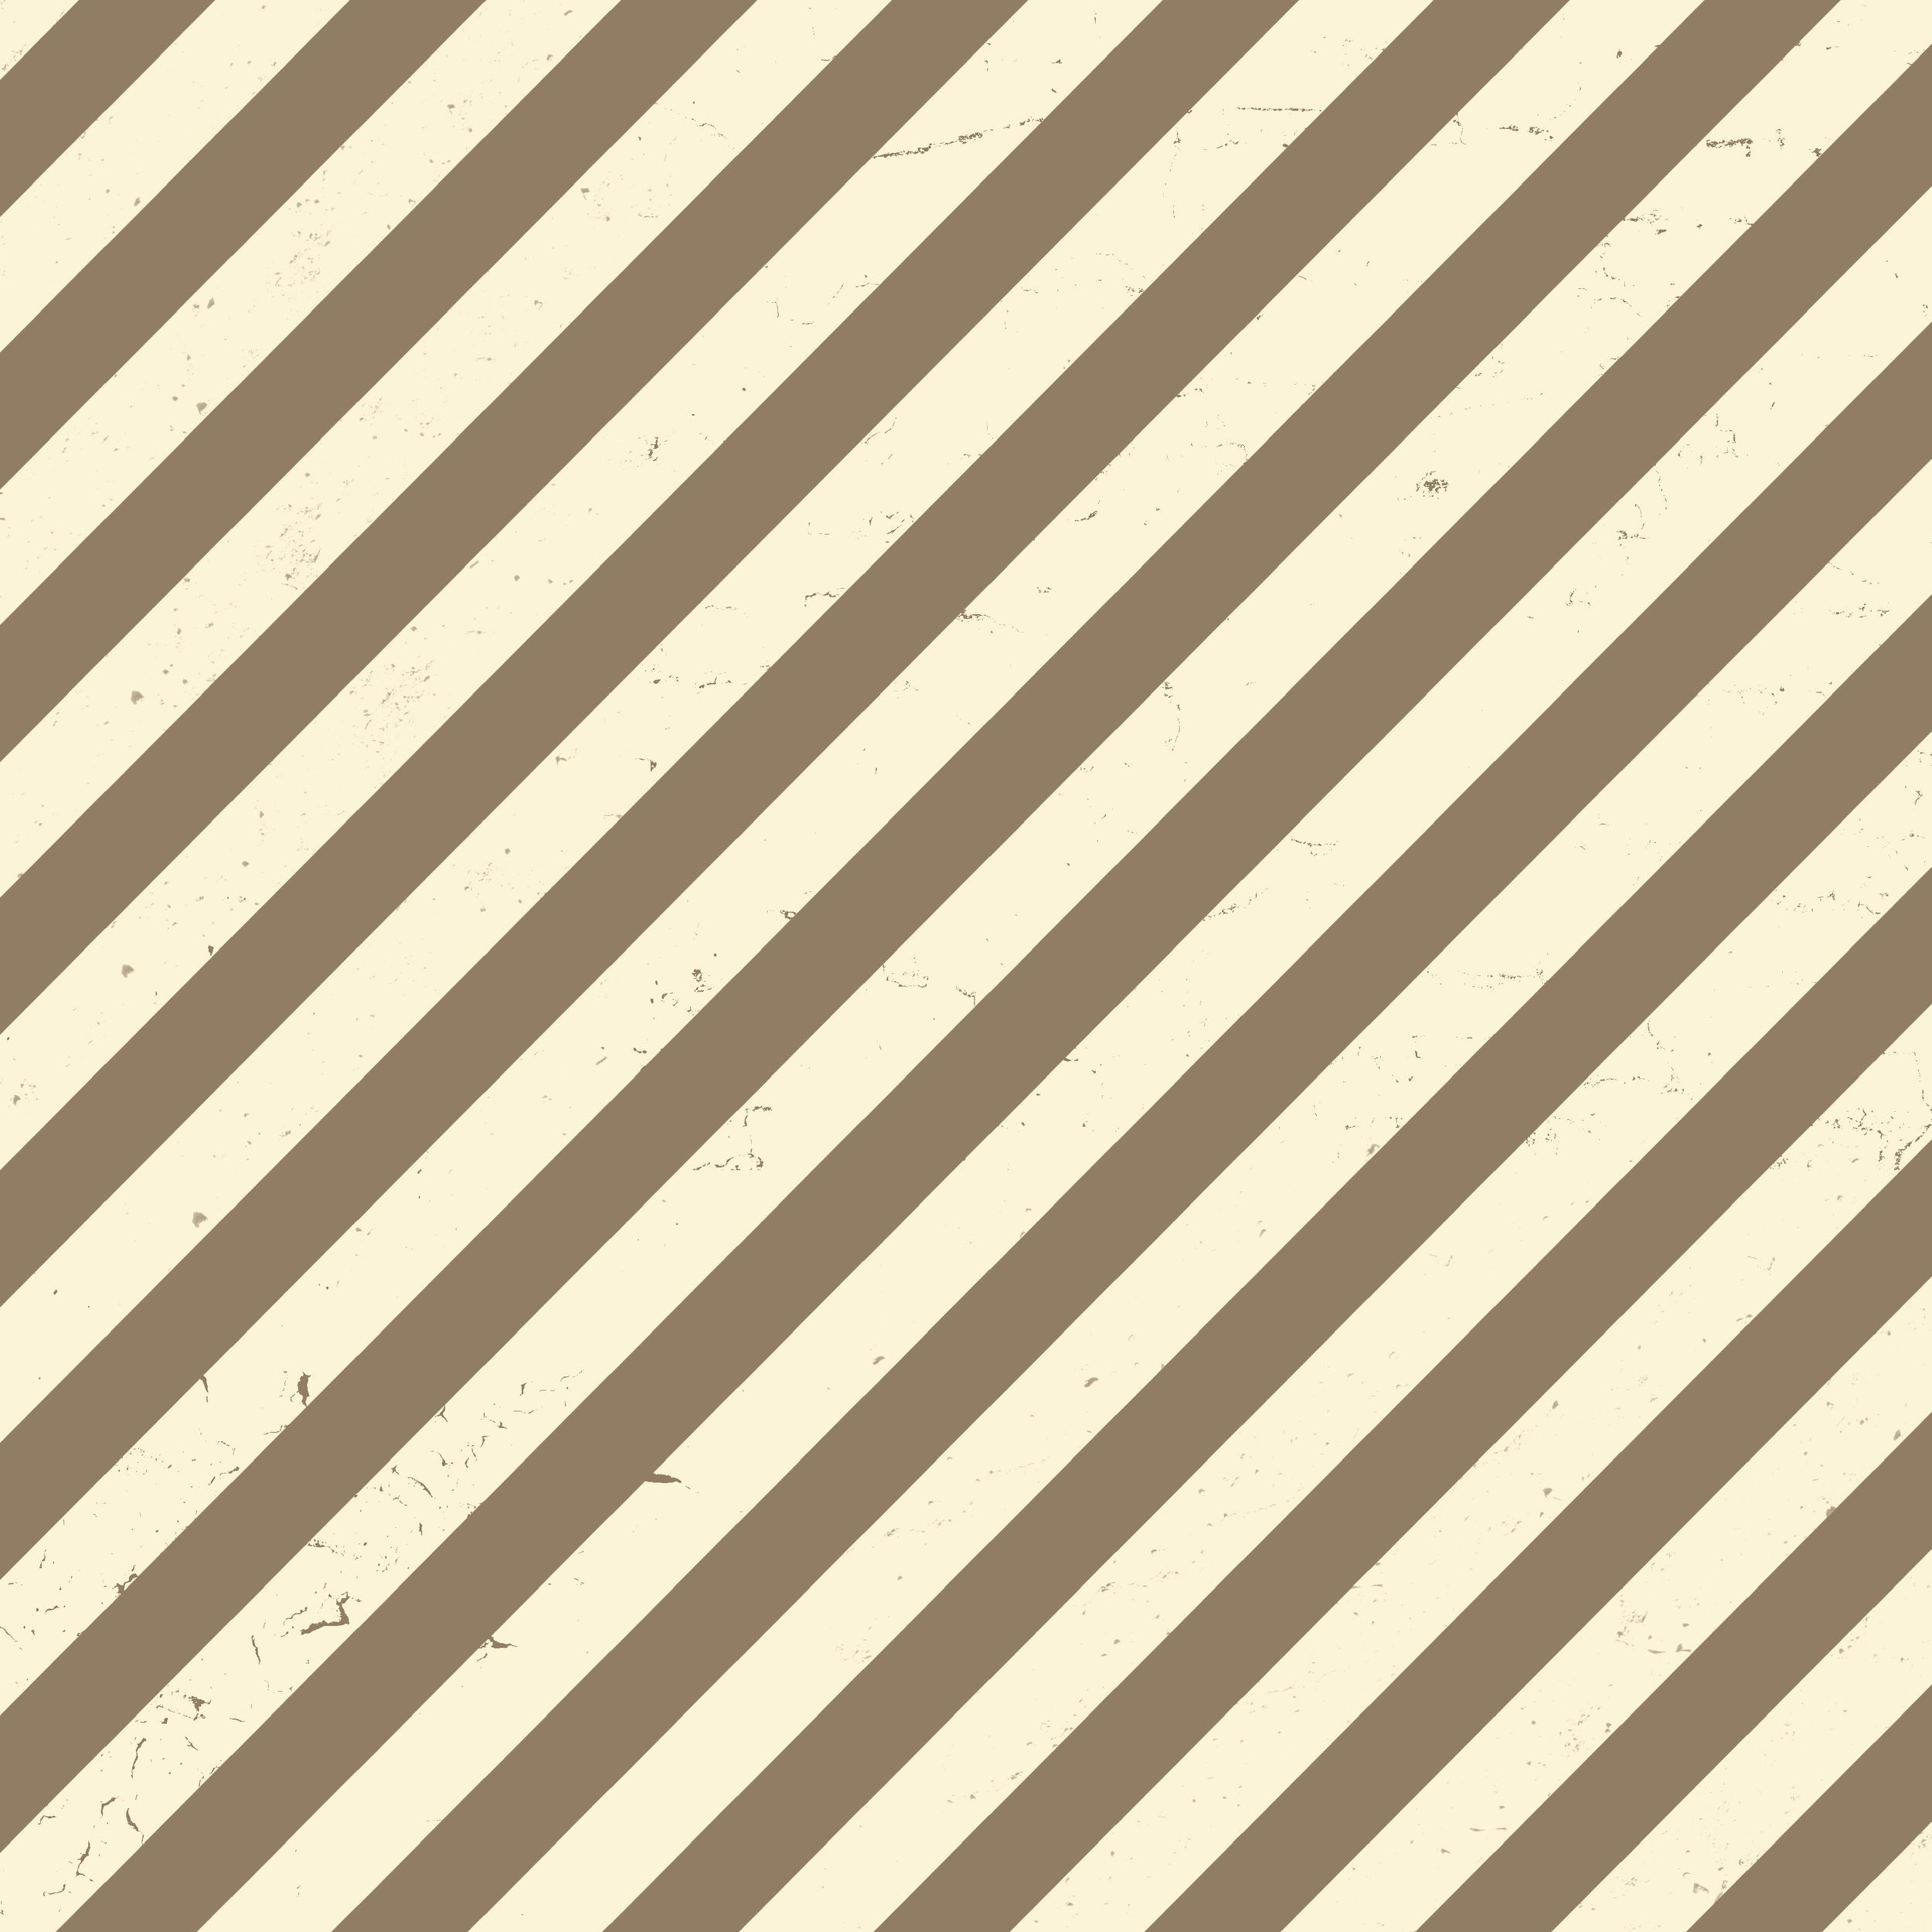 brown & white diagonal